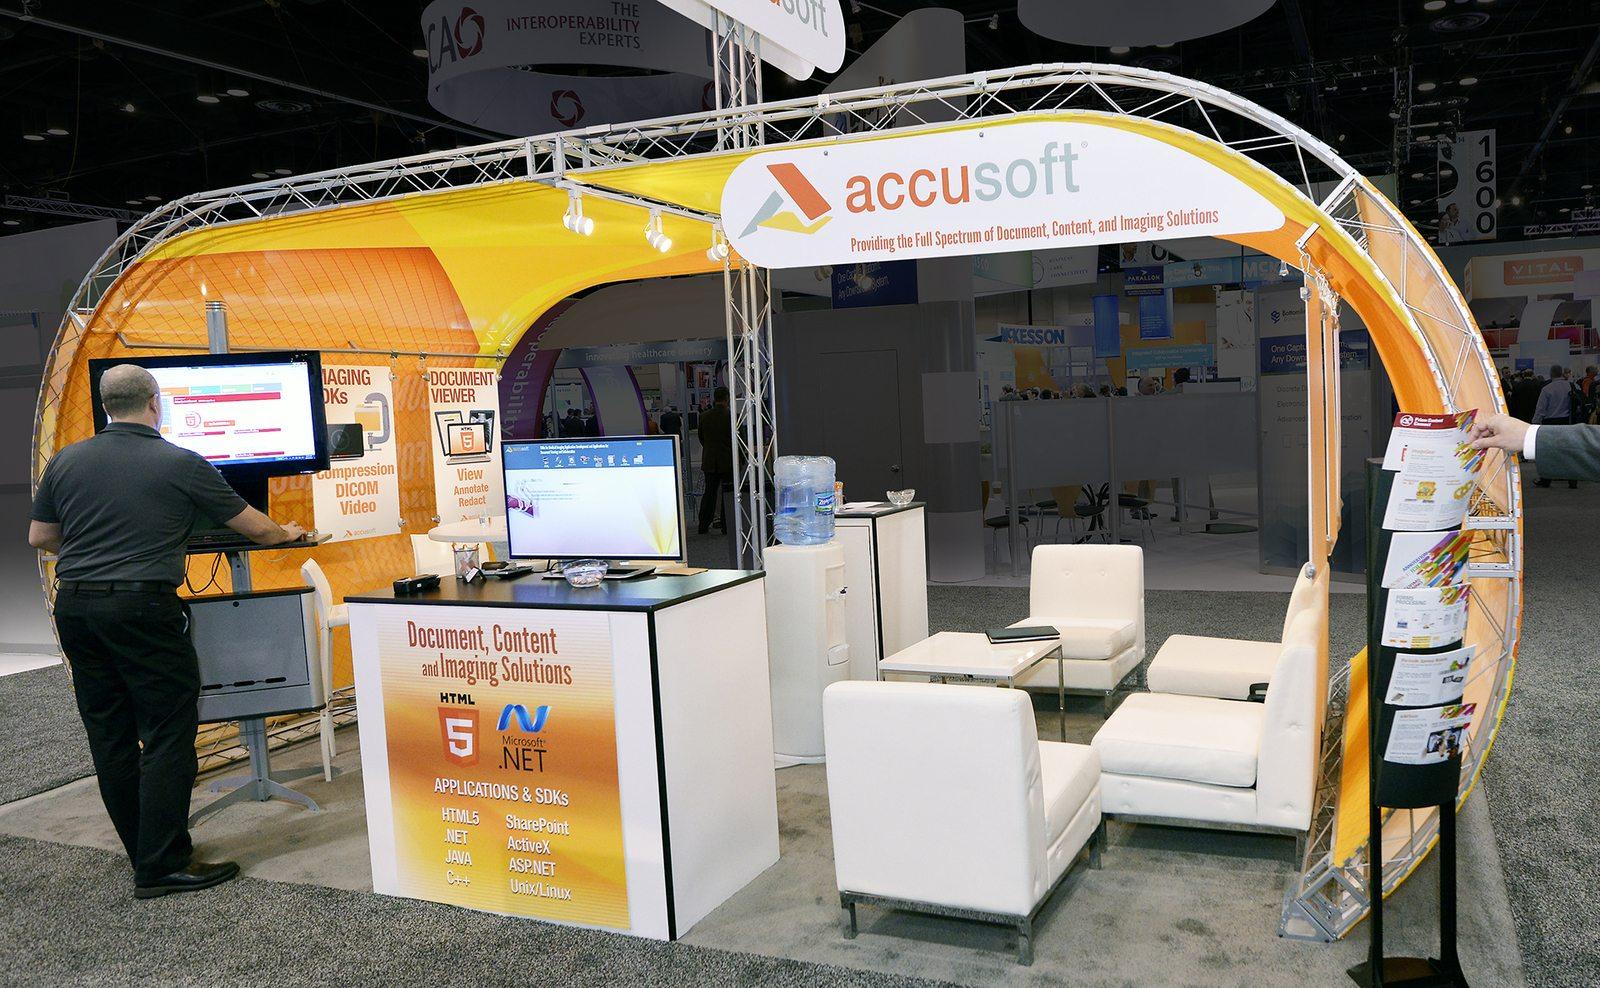 Accusoft_exhibit